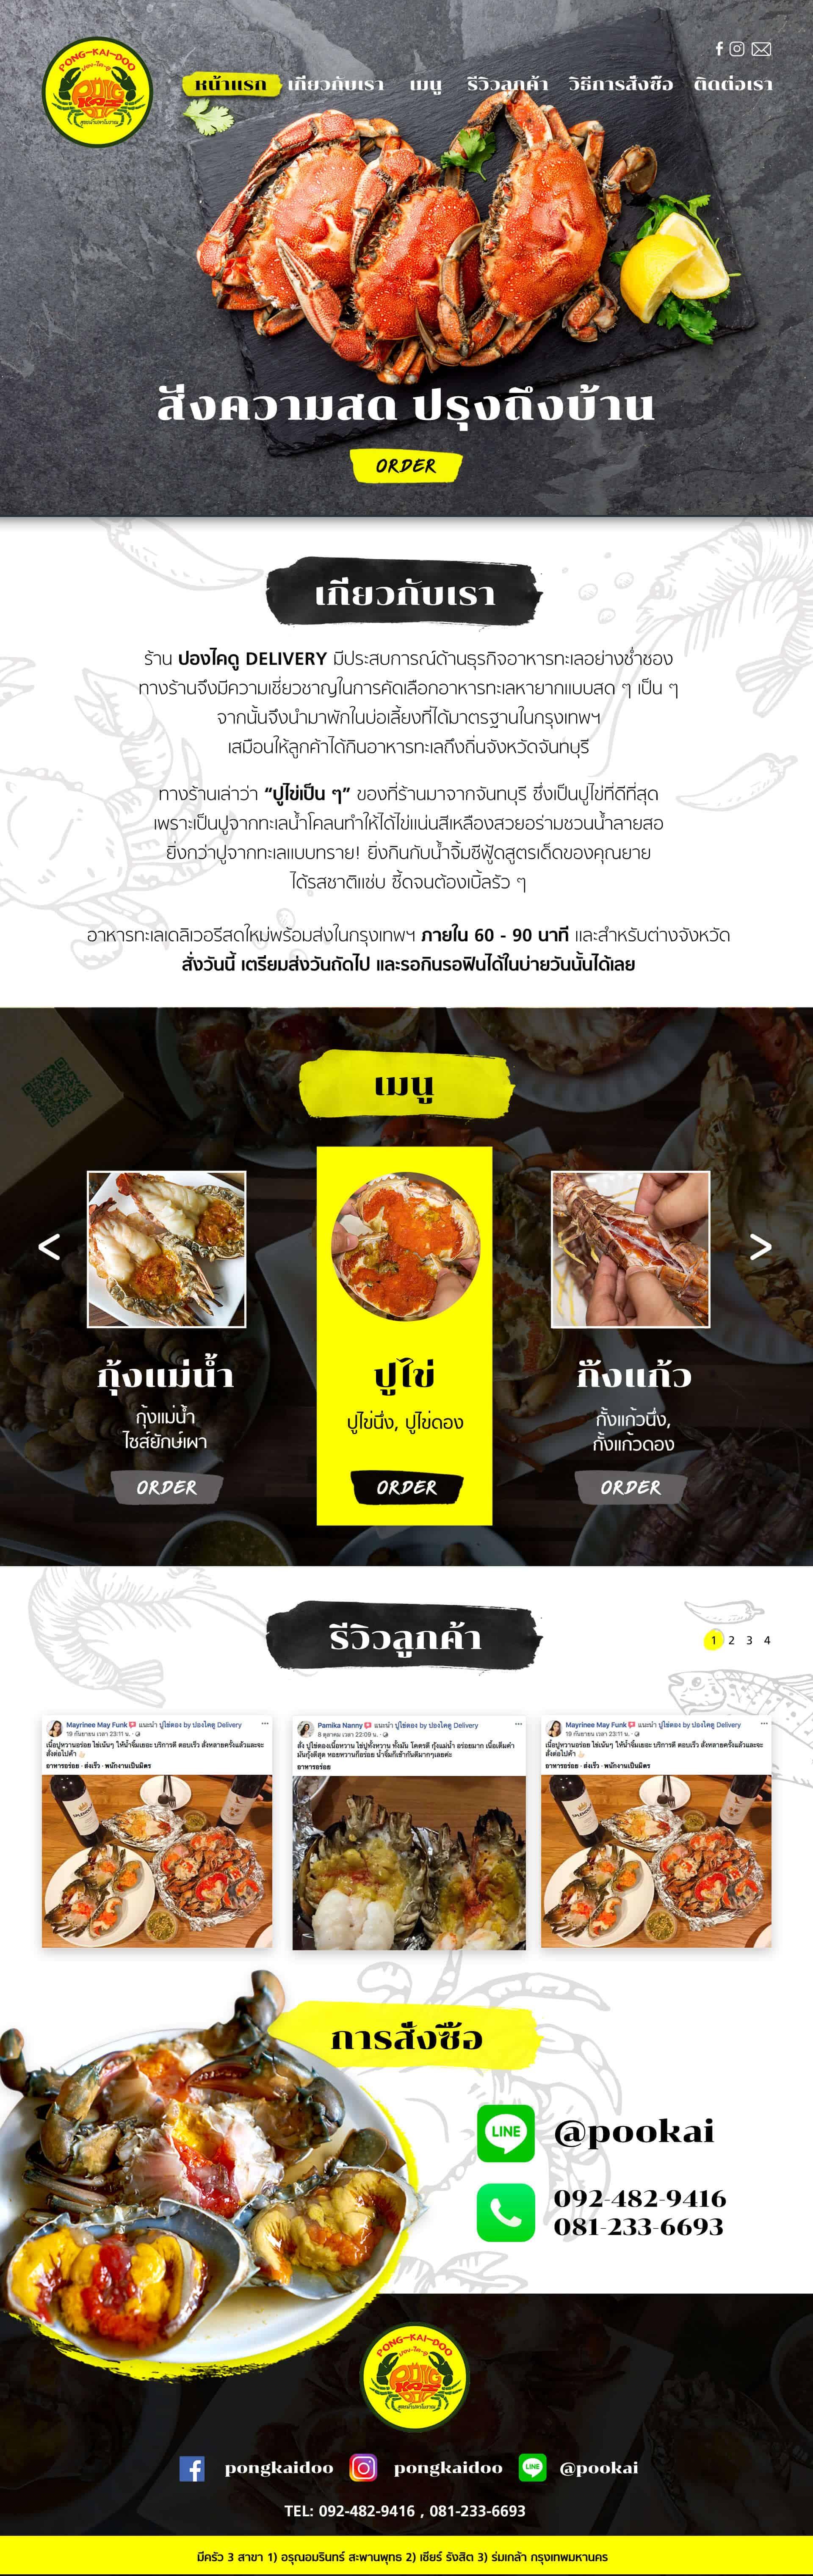 อาหารทะเลเดลิเวอรี่ | เว็บไซต์ธุรกิจร้านหาอาร - teeneeweb.com